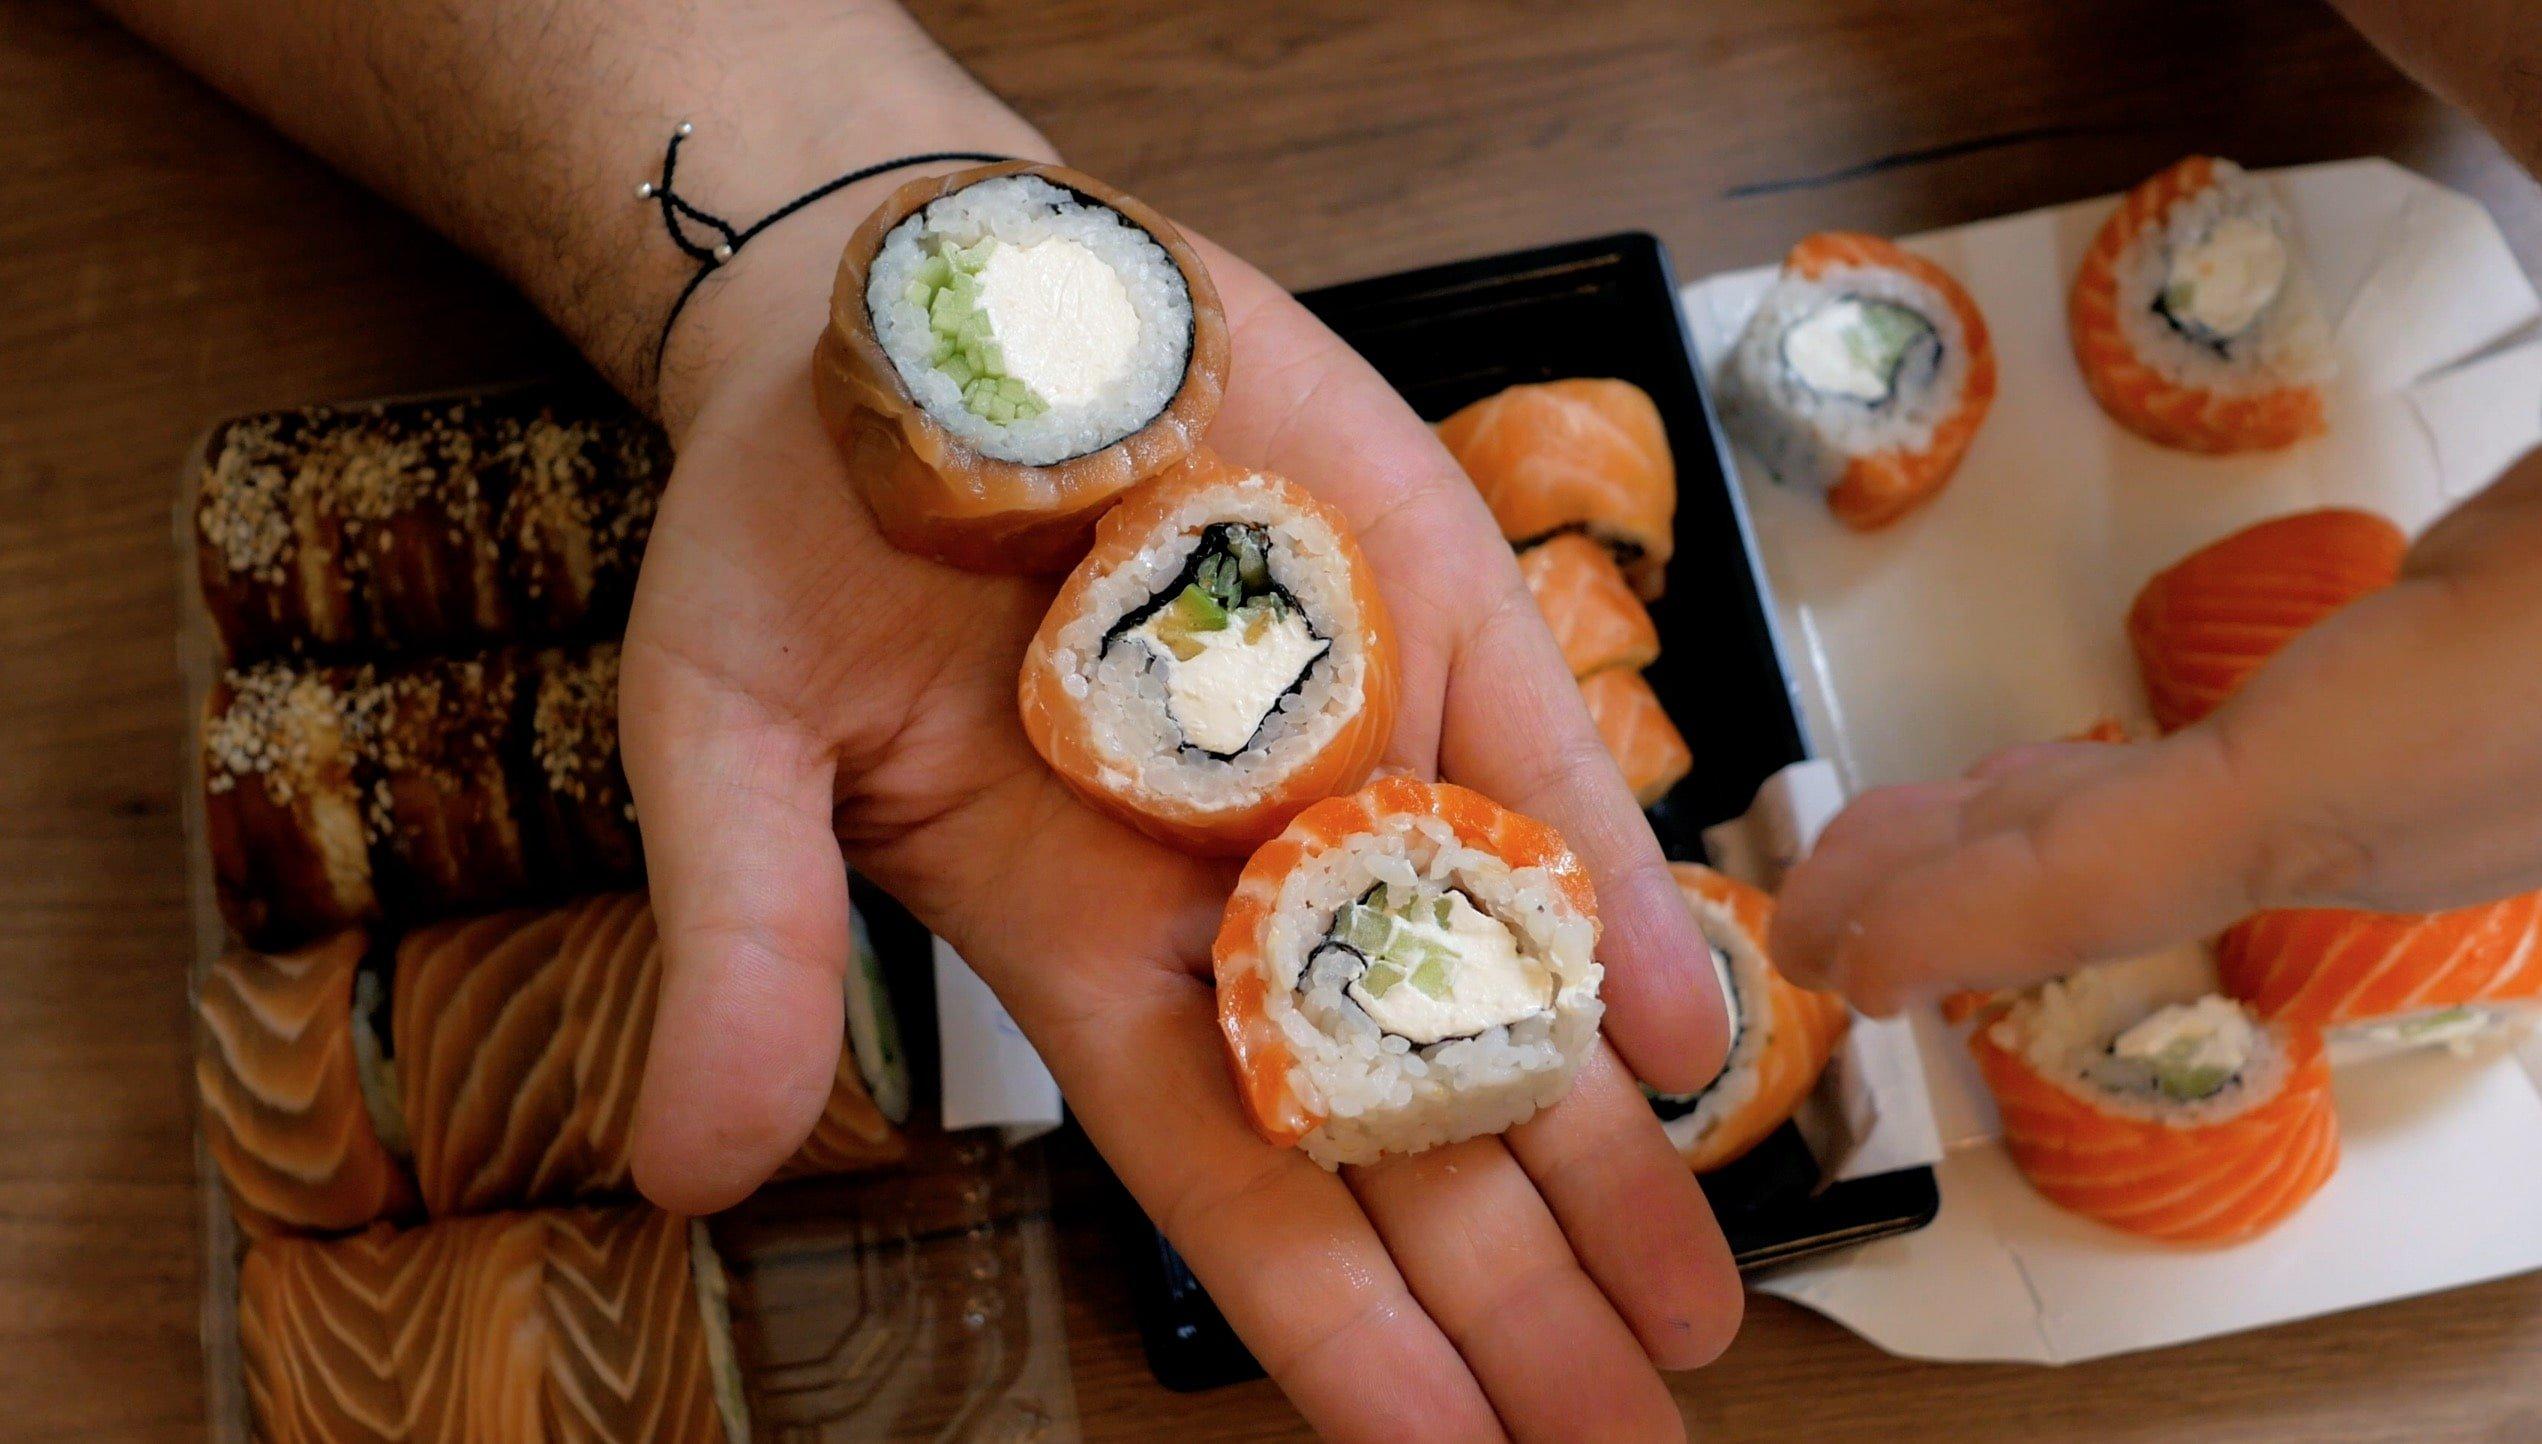 ролл филадельфия от вкусные суши достаевского и моремана в сравнении